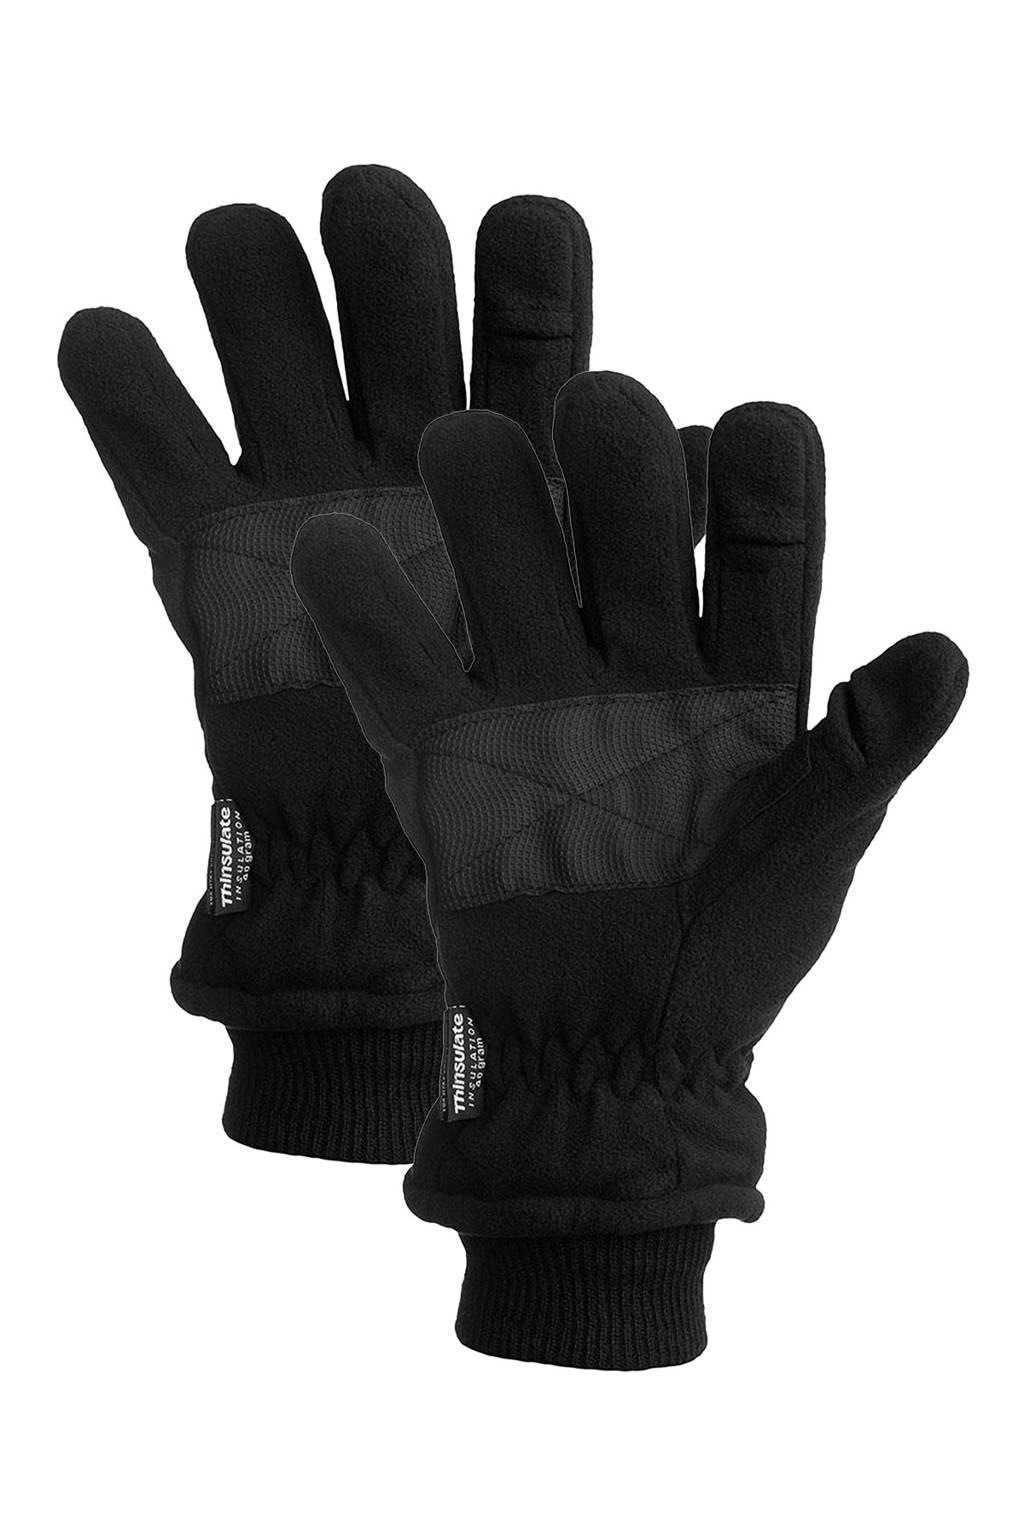 Heatkeeper thermo handschoenen - set van 2 zwart, Zwart